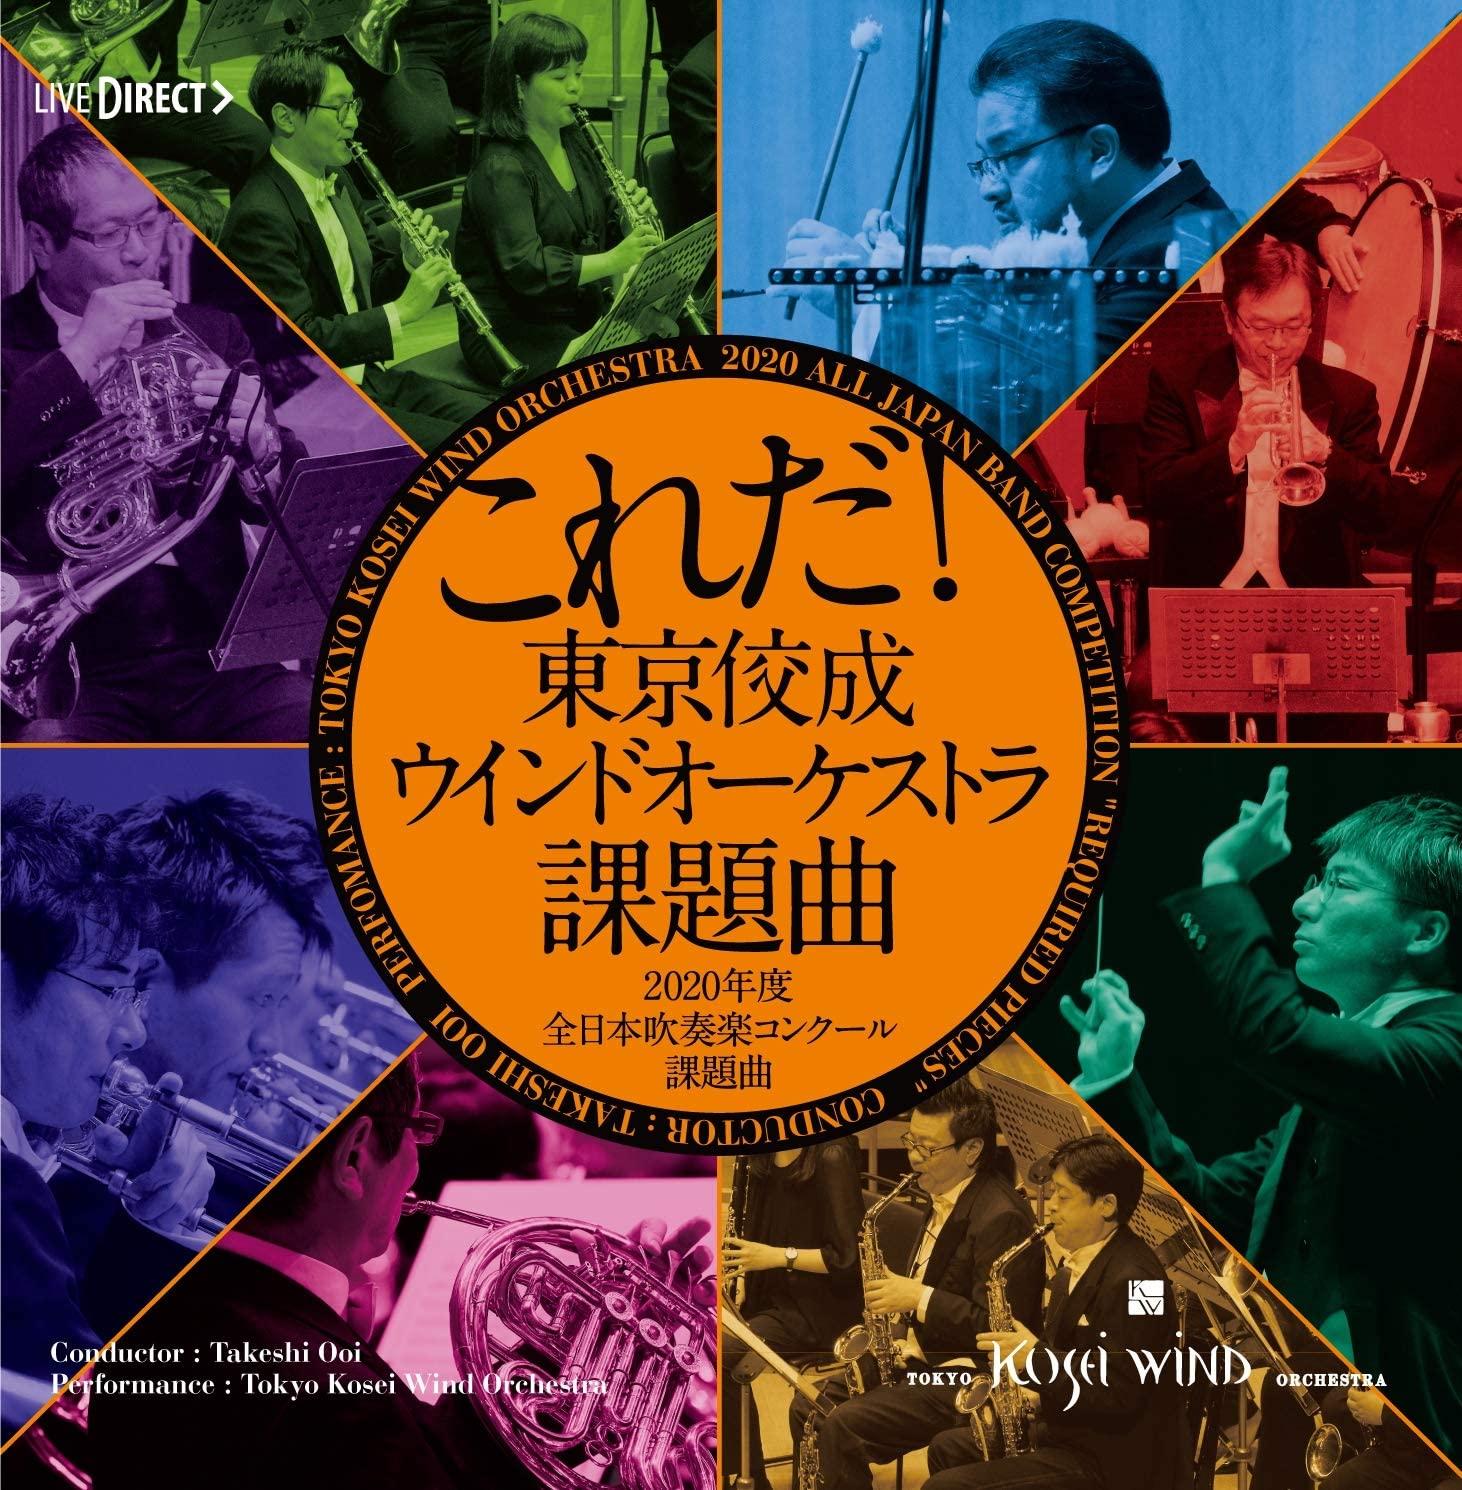 これだ!東京佼成ウインドオーケストラ・課題曲2020年度